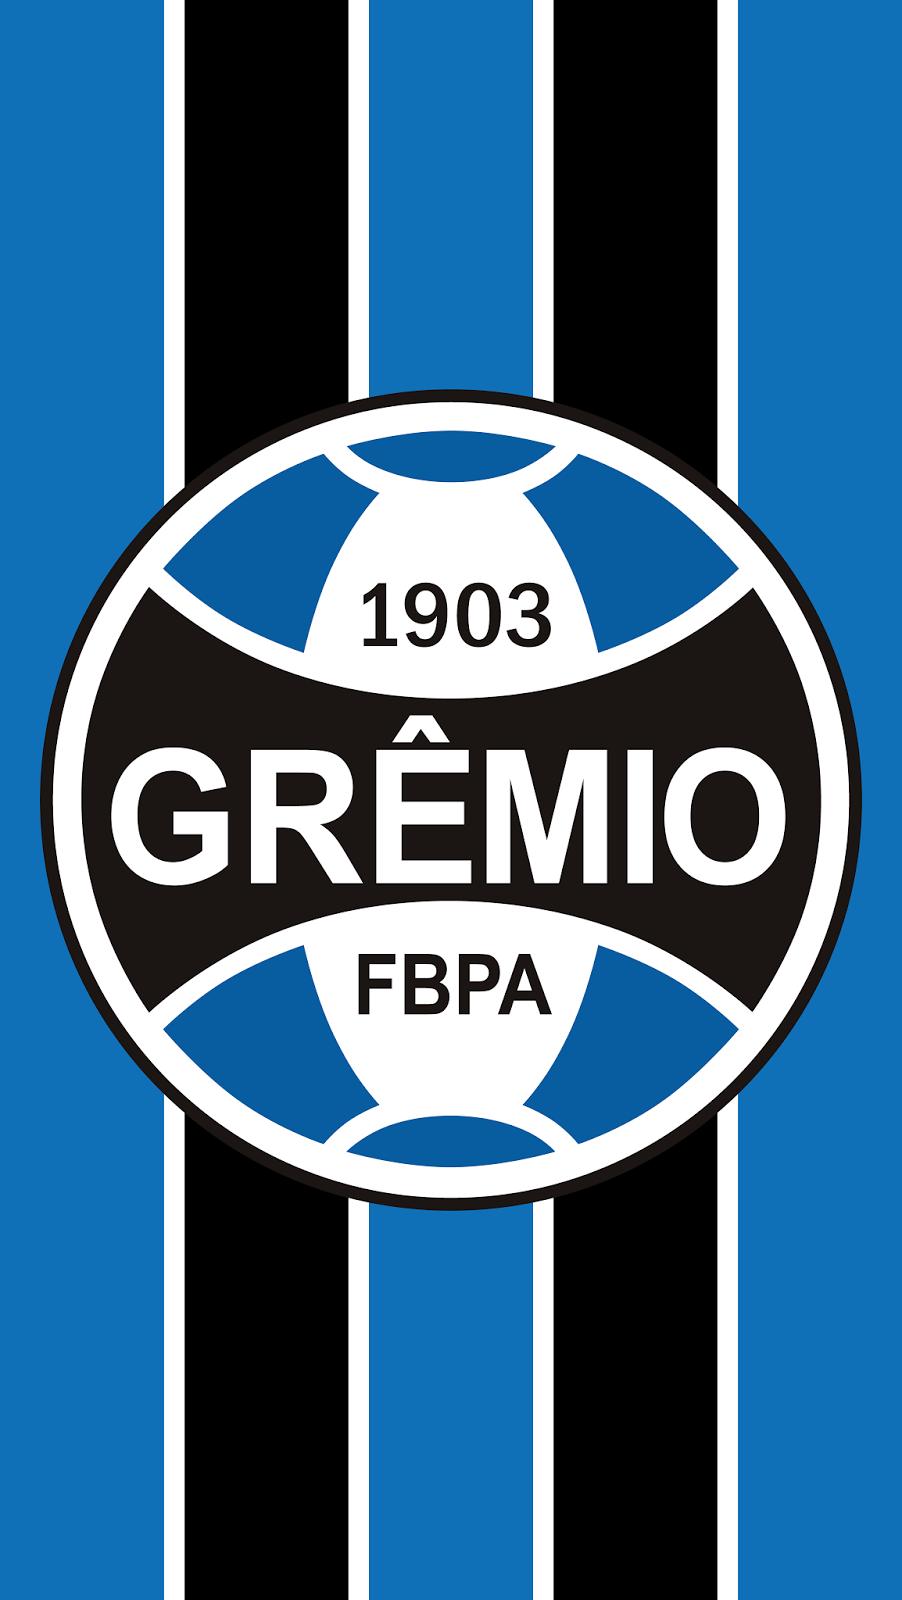 wallpaper de futebol Grmio escudo \u2013 Imagens para Whatsapp 902x1600